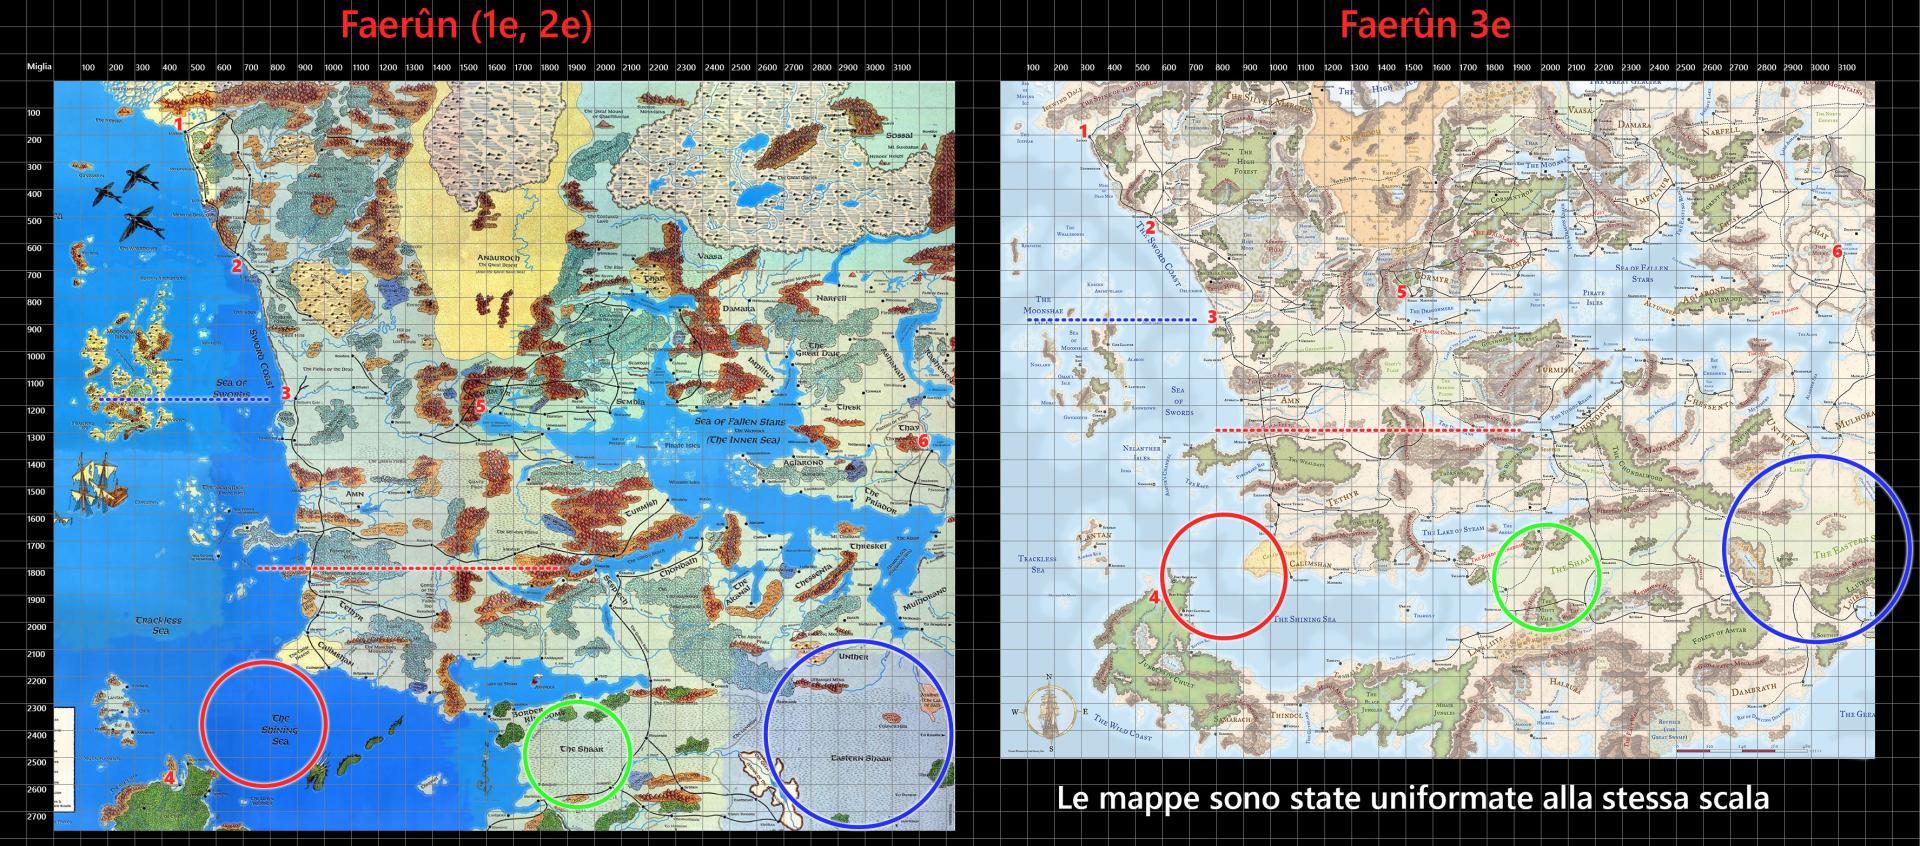 Comparativa mappe Faerûn, 1e/2e - 3e